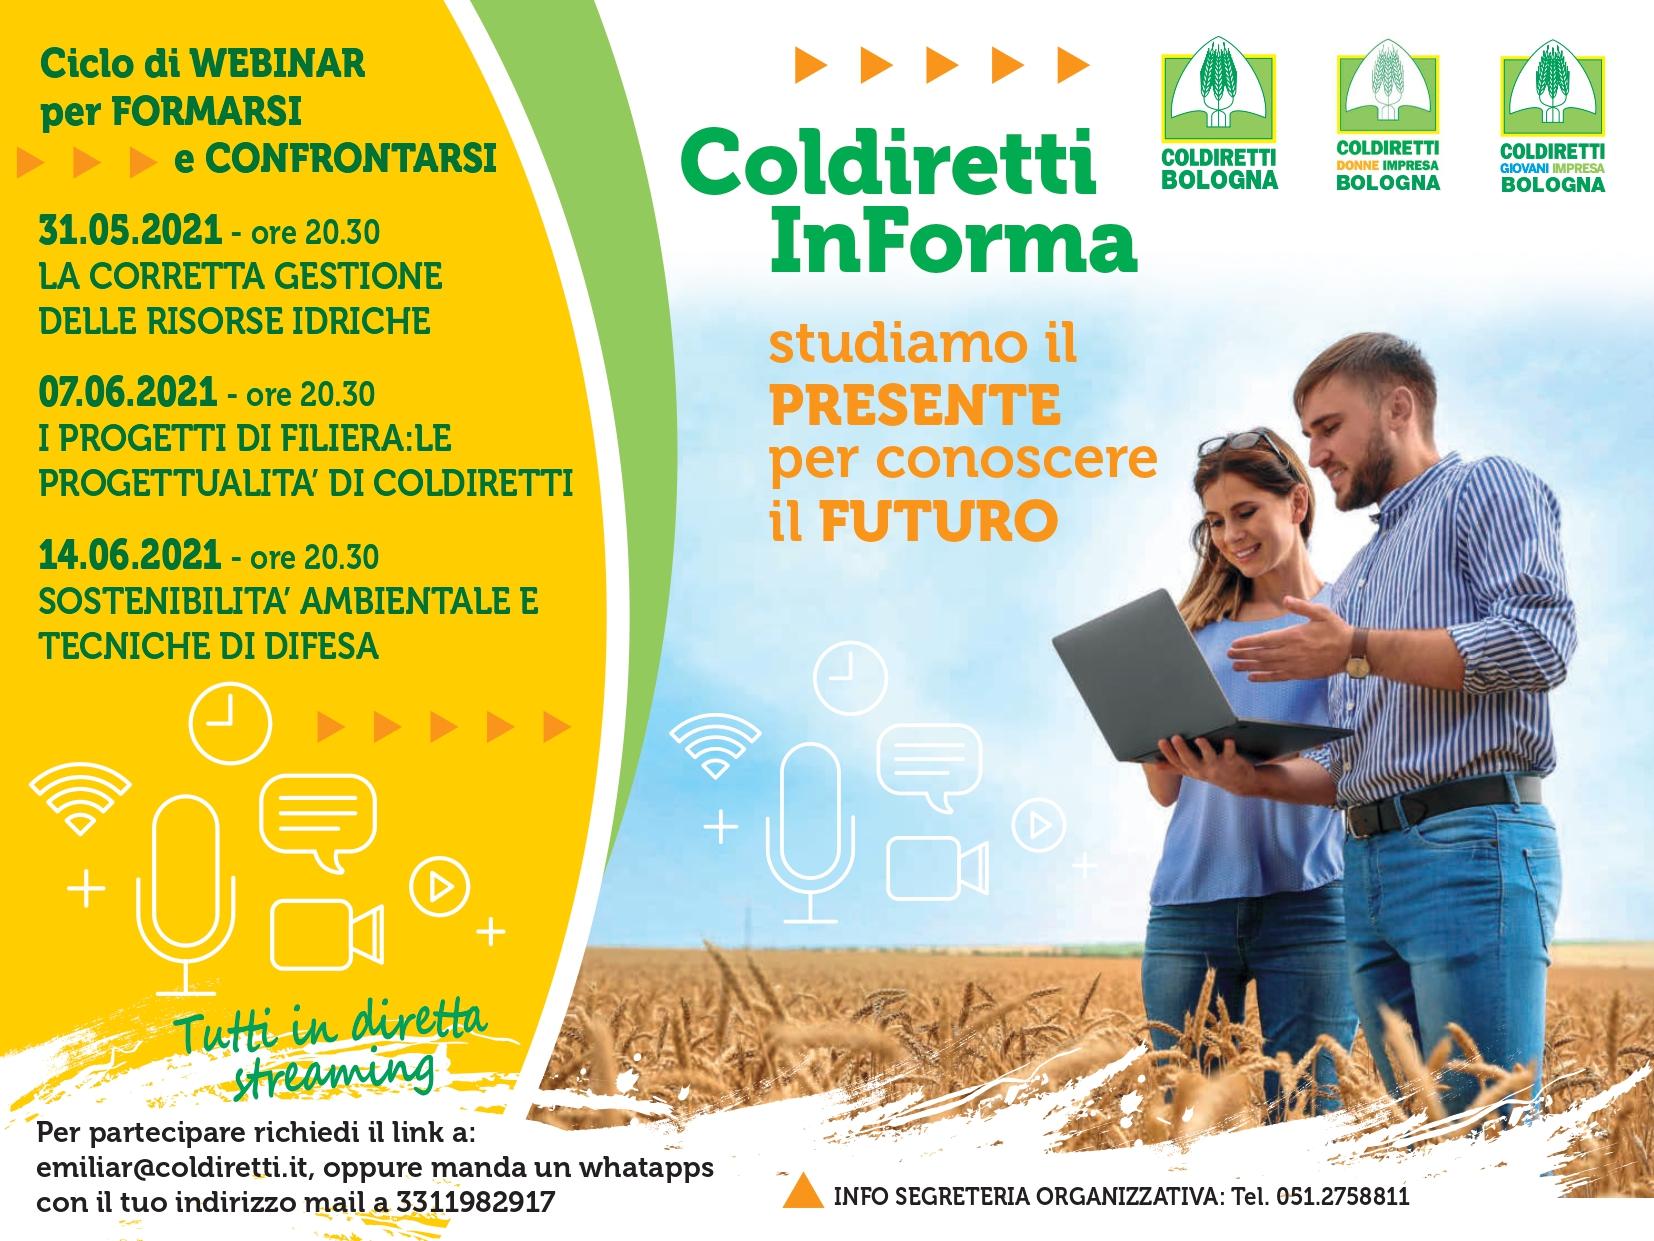 Coldiretti In Forma webinar